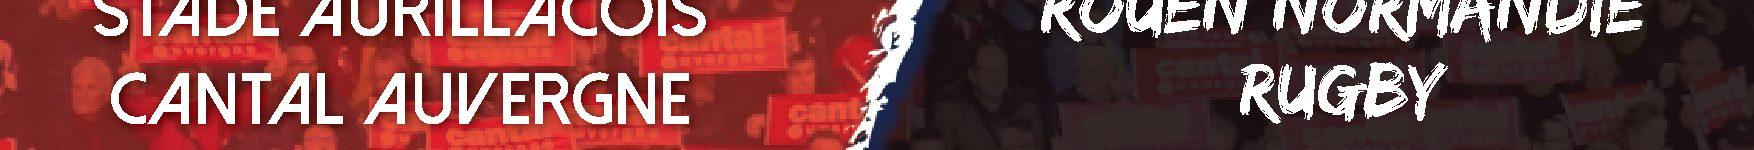 Le match SA / Rouen – Victoire